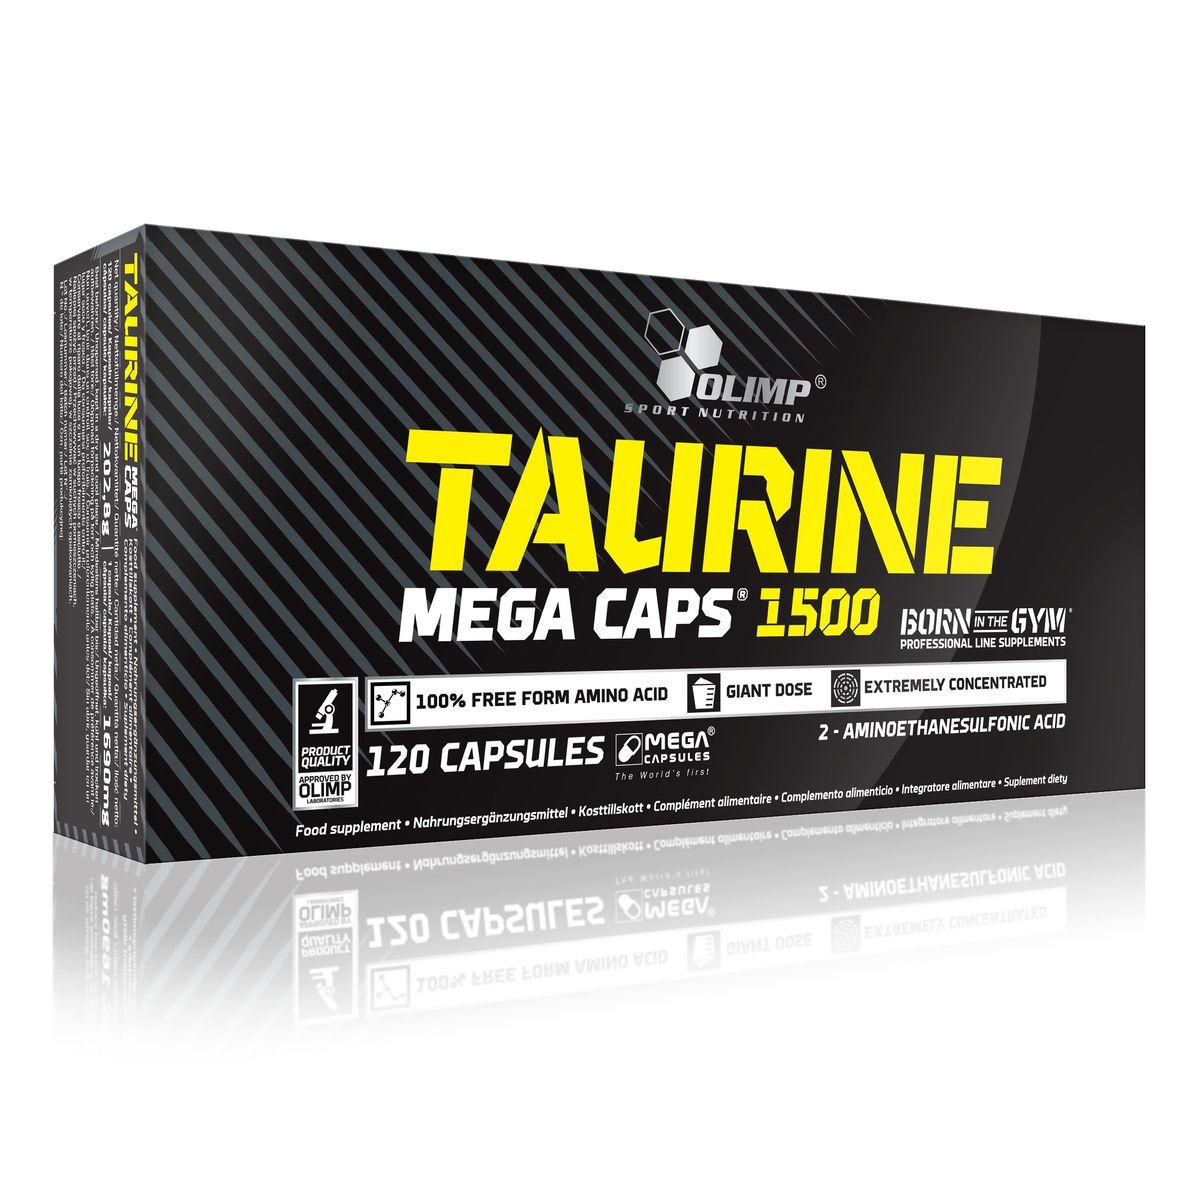 OLIMP Таурин Мега Капс 120 капсO24351Olimp Taurine Mega Caps это формула, дополняющая рацион питания таурином - аминокислотой, необходимой организму для роста и восстановления после физических нагрузок. Улучшает азотный баланс, подавляет катаболизм, препятствует накоплению жира, увеличивает выносливость, способствует внутримышечному транспорту глюкозы и креатина. Olimp Taurine Mega Caps с помощью технологией MEGA CAPS ® содержит 1500 мг чистого таурина в одной капсуле Предназначен для людей с высокой физической активностью, в том числе - спортсменов. Рекомендации по применению: Принимайте по 1-2 капсуле в день, в соответствии с интенсивностью физической нагрузки. Хранить в недоступном для детей месте. Не превышайте рекомендованную суточную дозировку. Пищевые добавки не должны заменять полноценное сбалансированное питание.